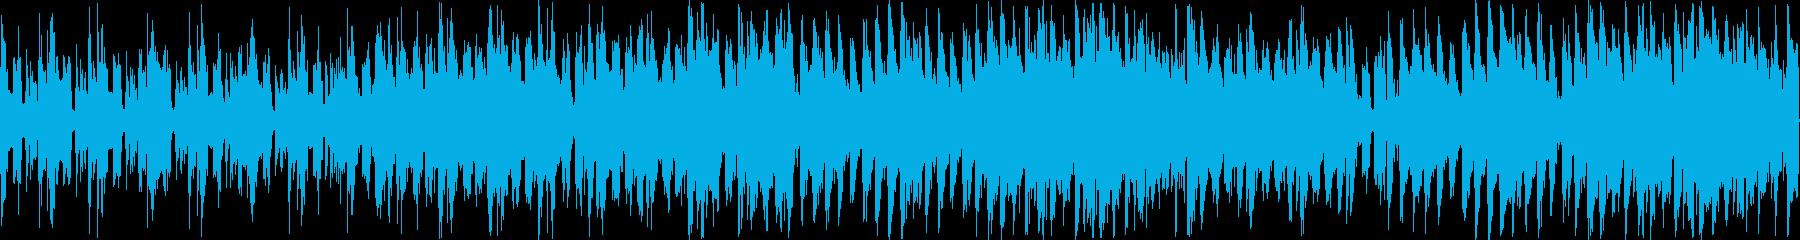 ゲームのボーナスステージやフィーバーモ…の再生済みの波形